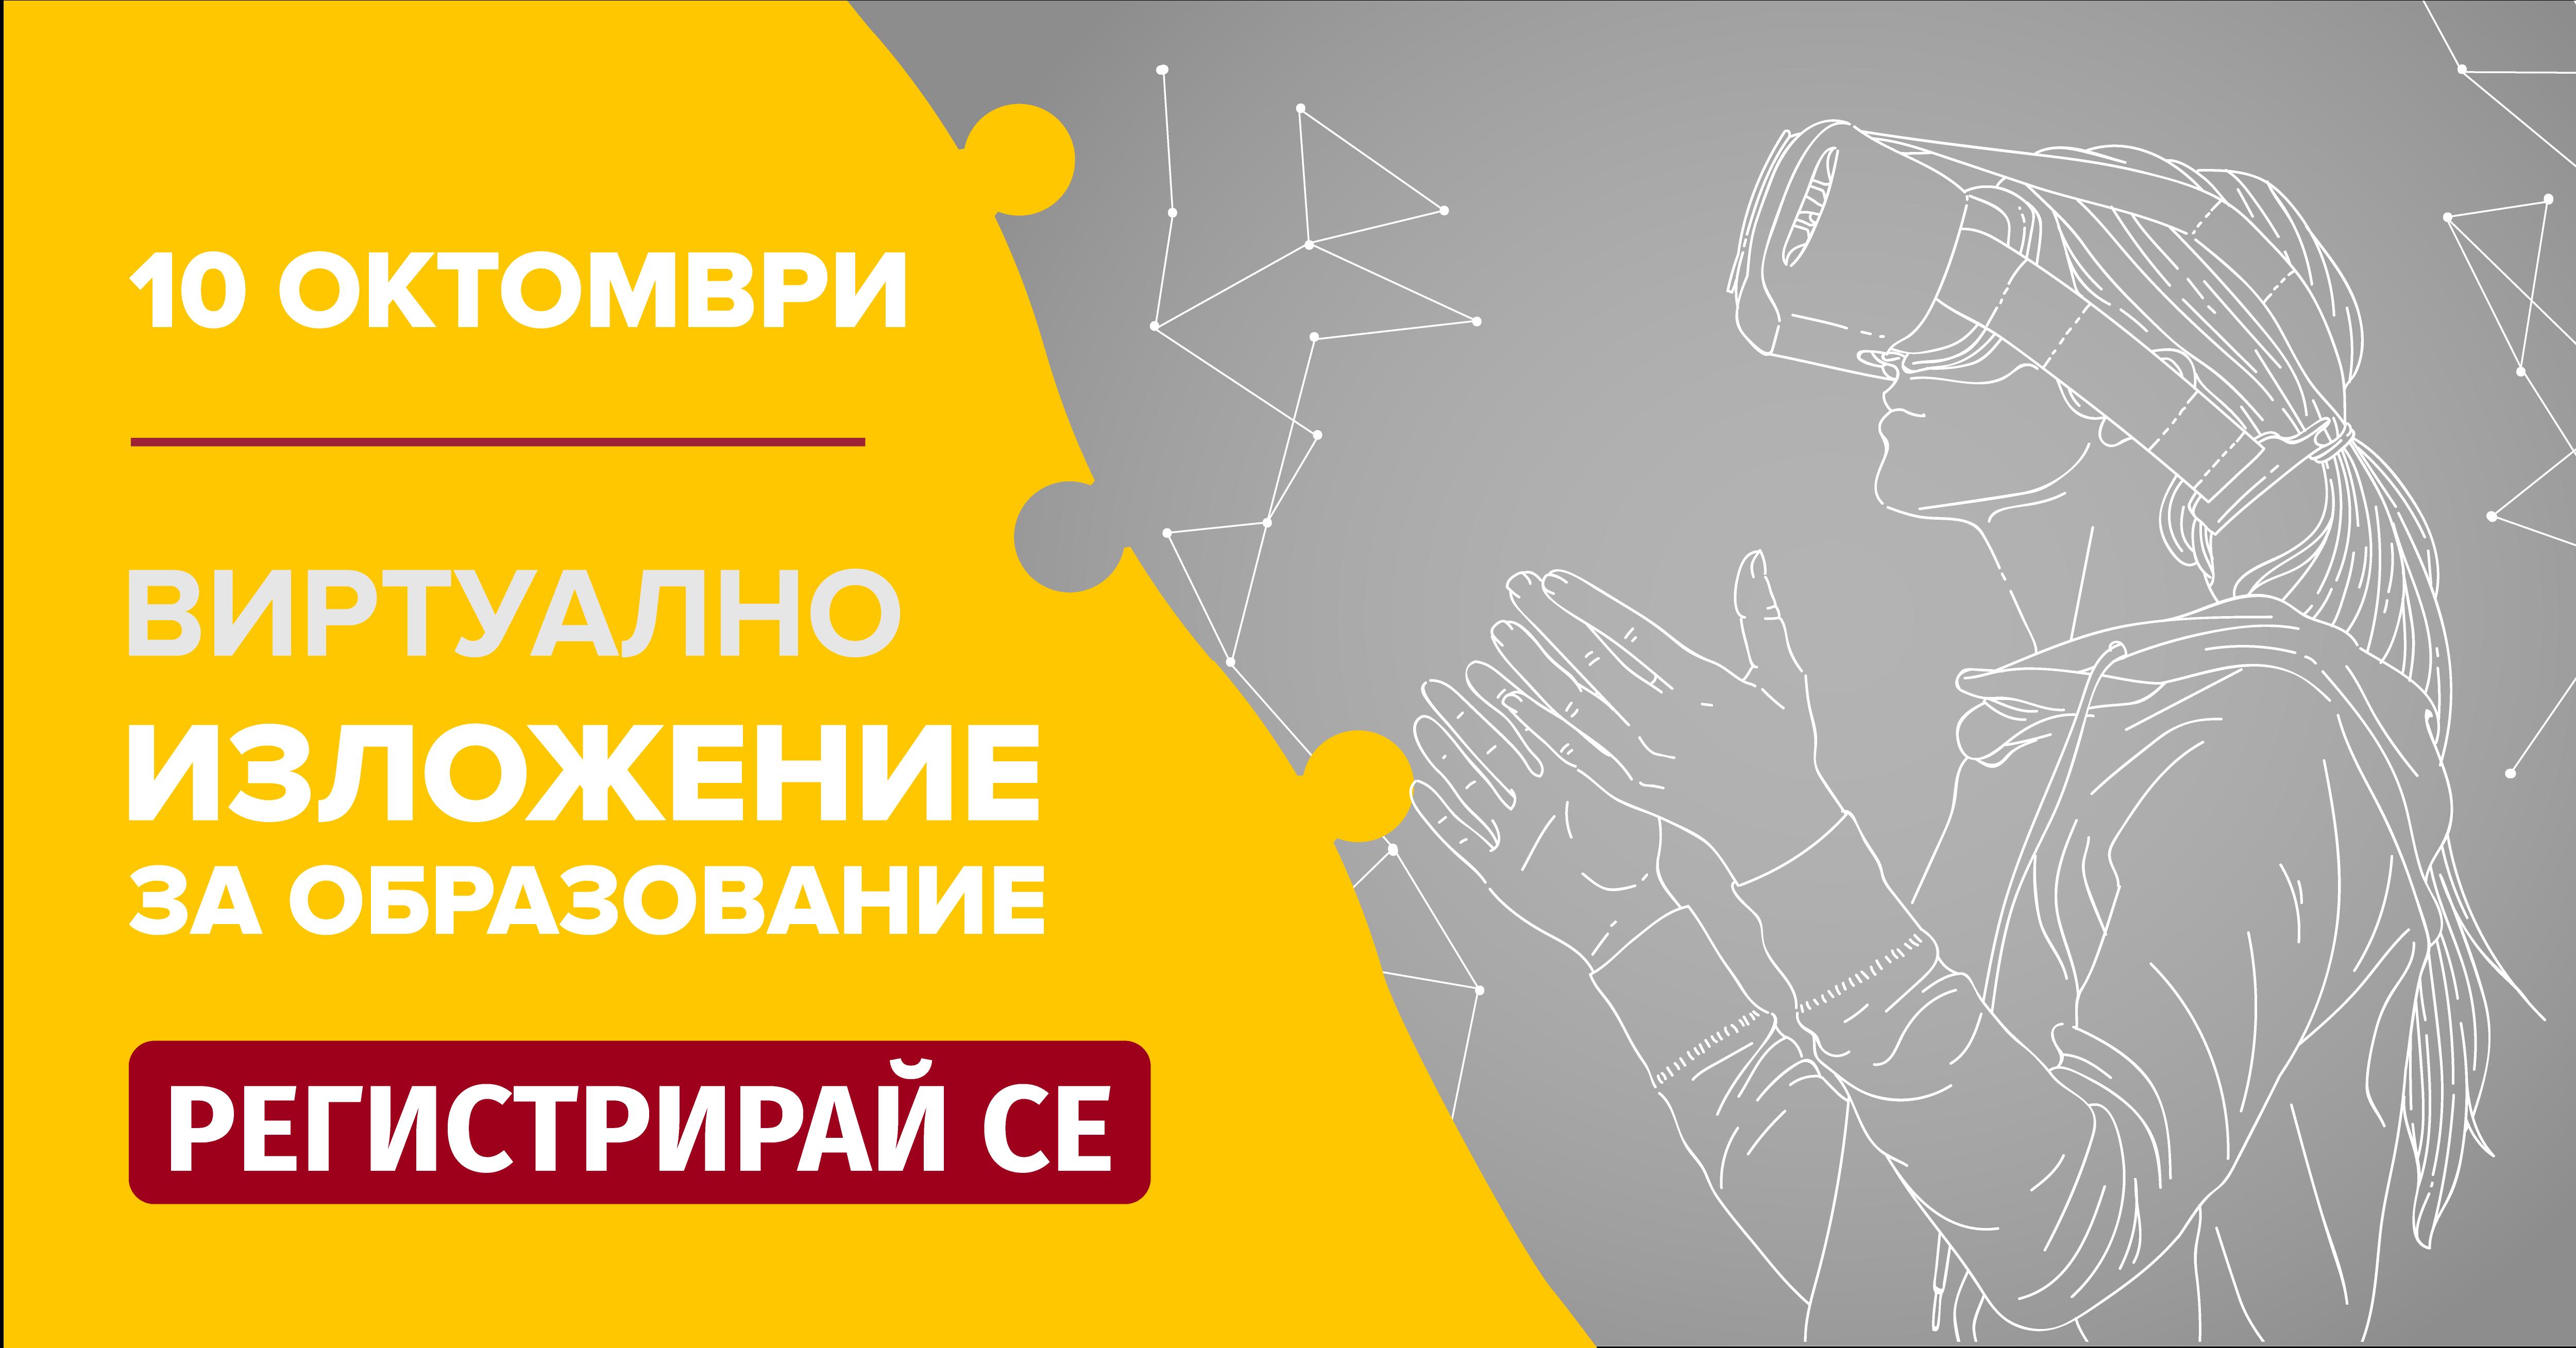 виртуално образователно изложение